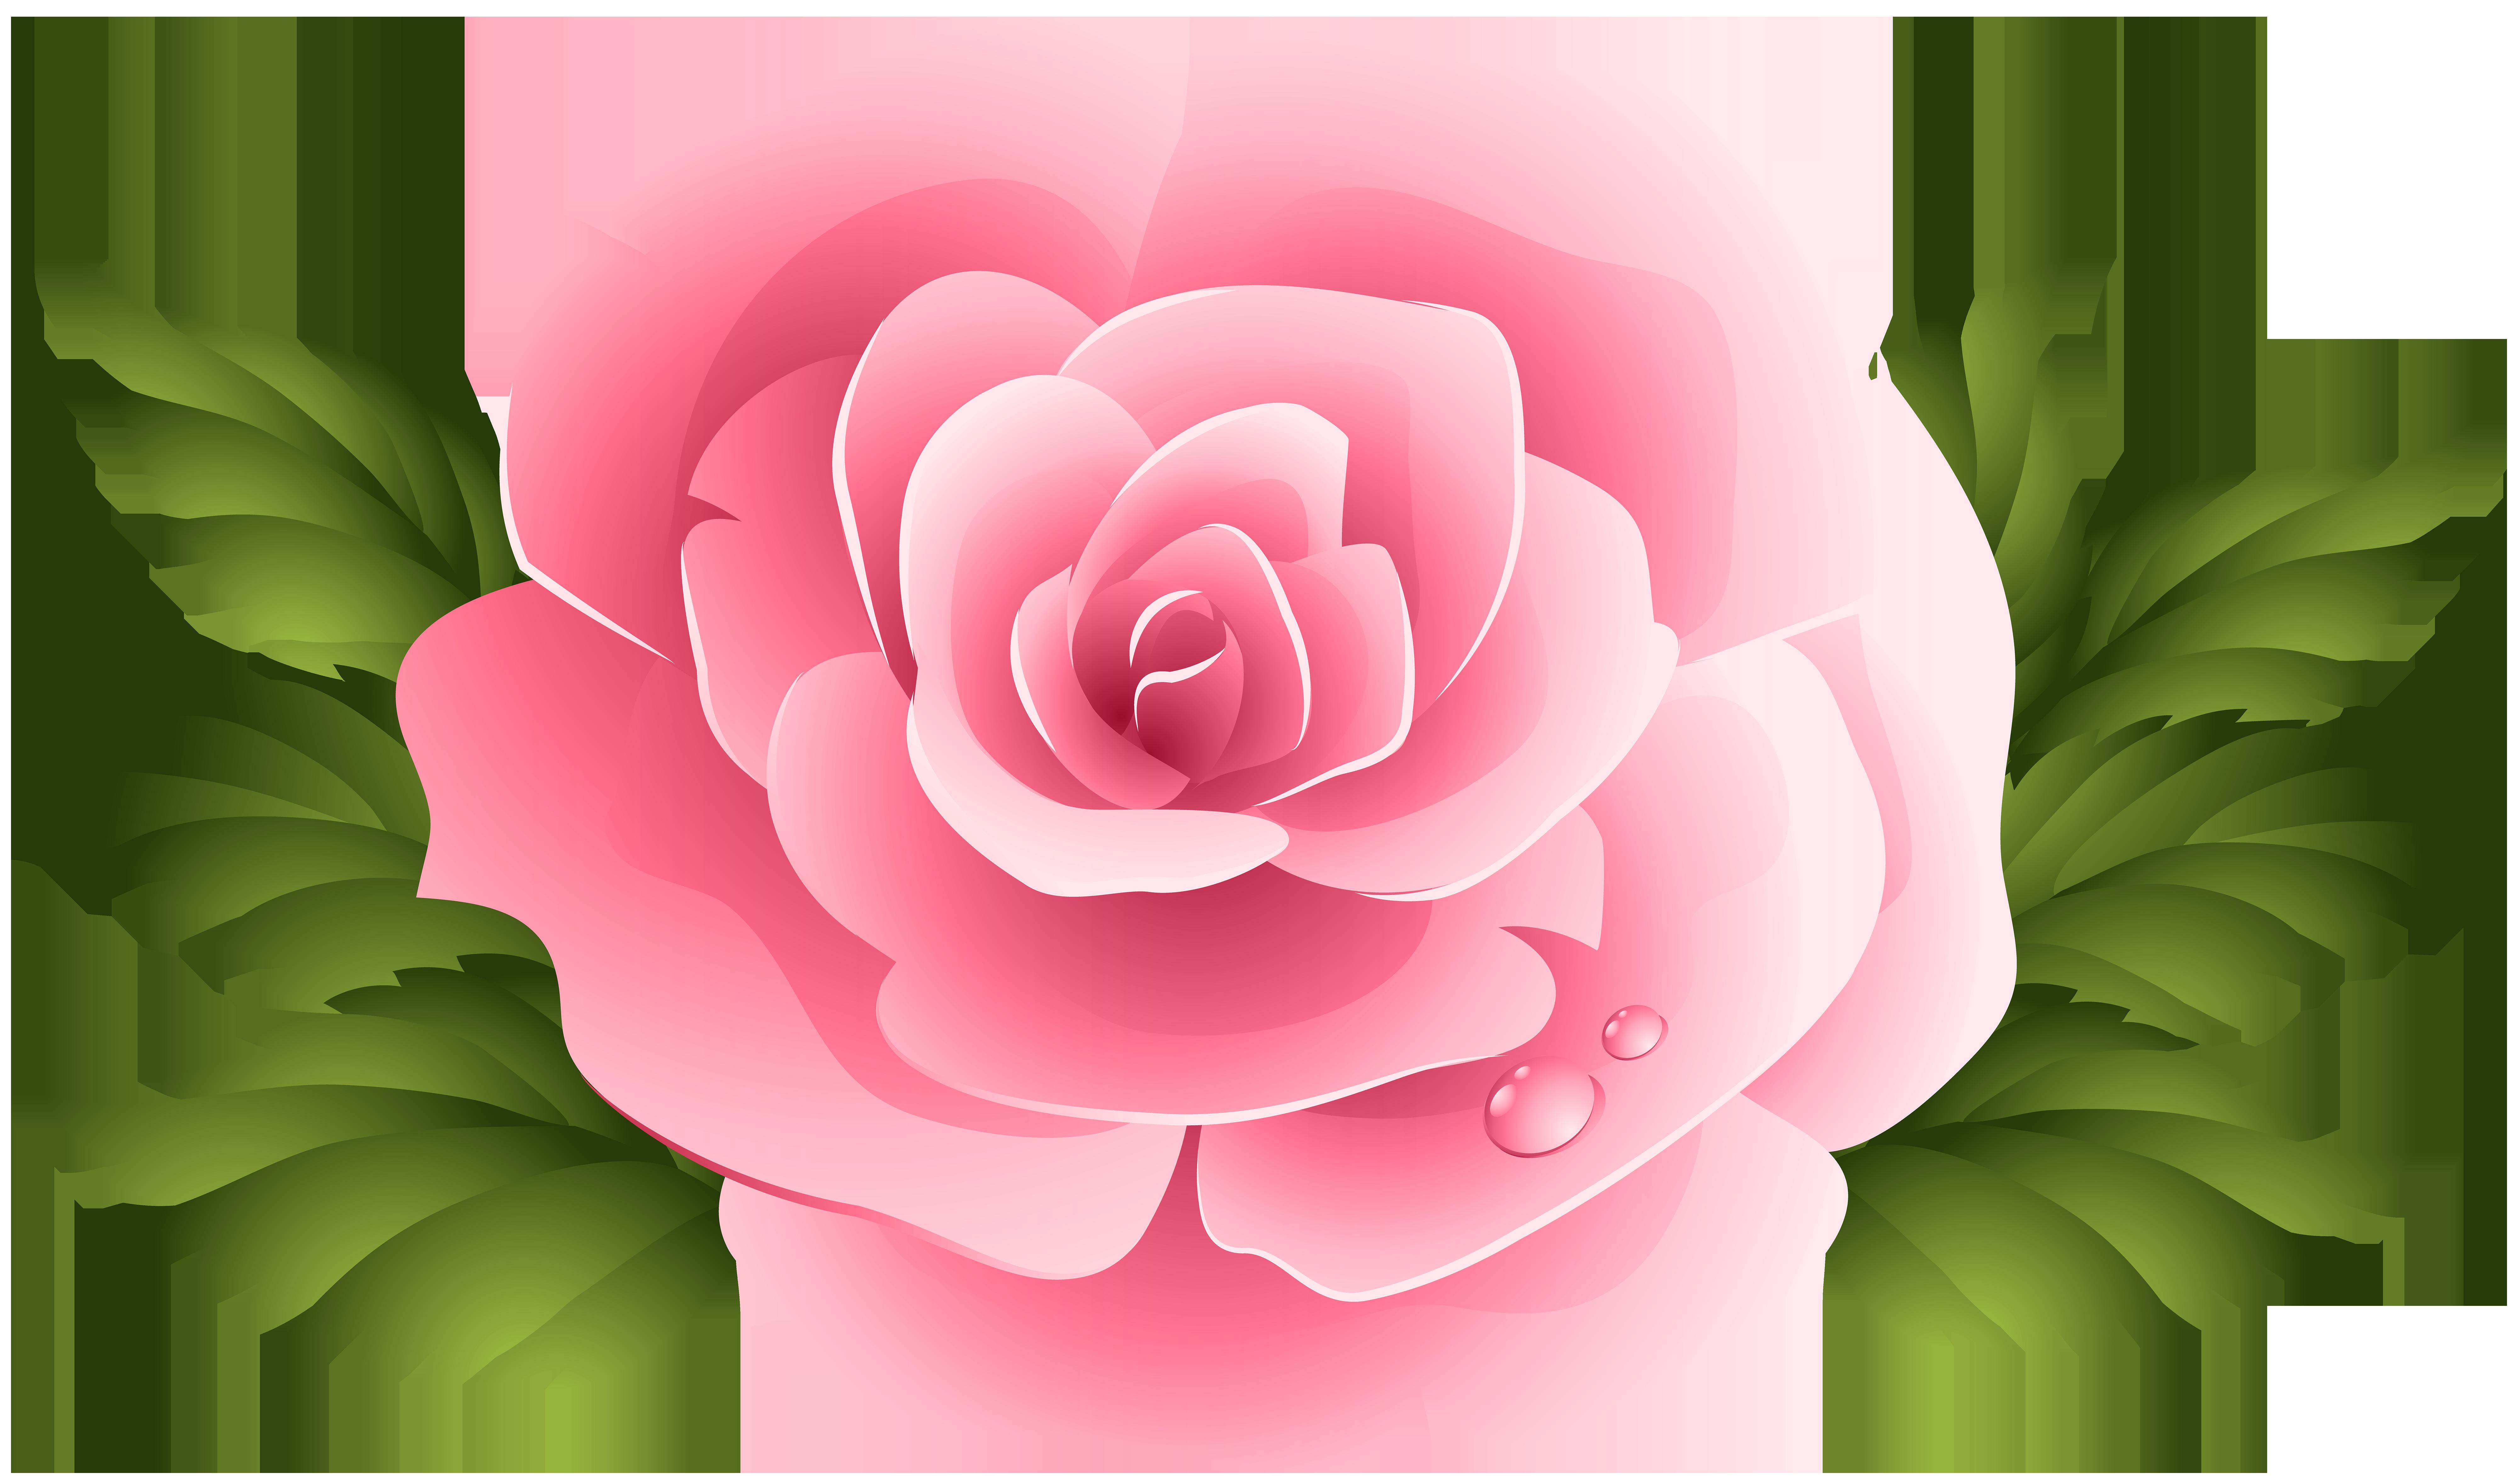 Pin De Ana Paula Em Fotoshop Rosas Roxas Adesivos Personalizados Flores Rosas